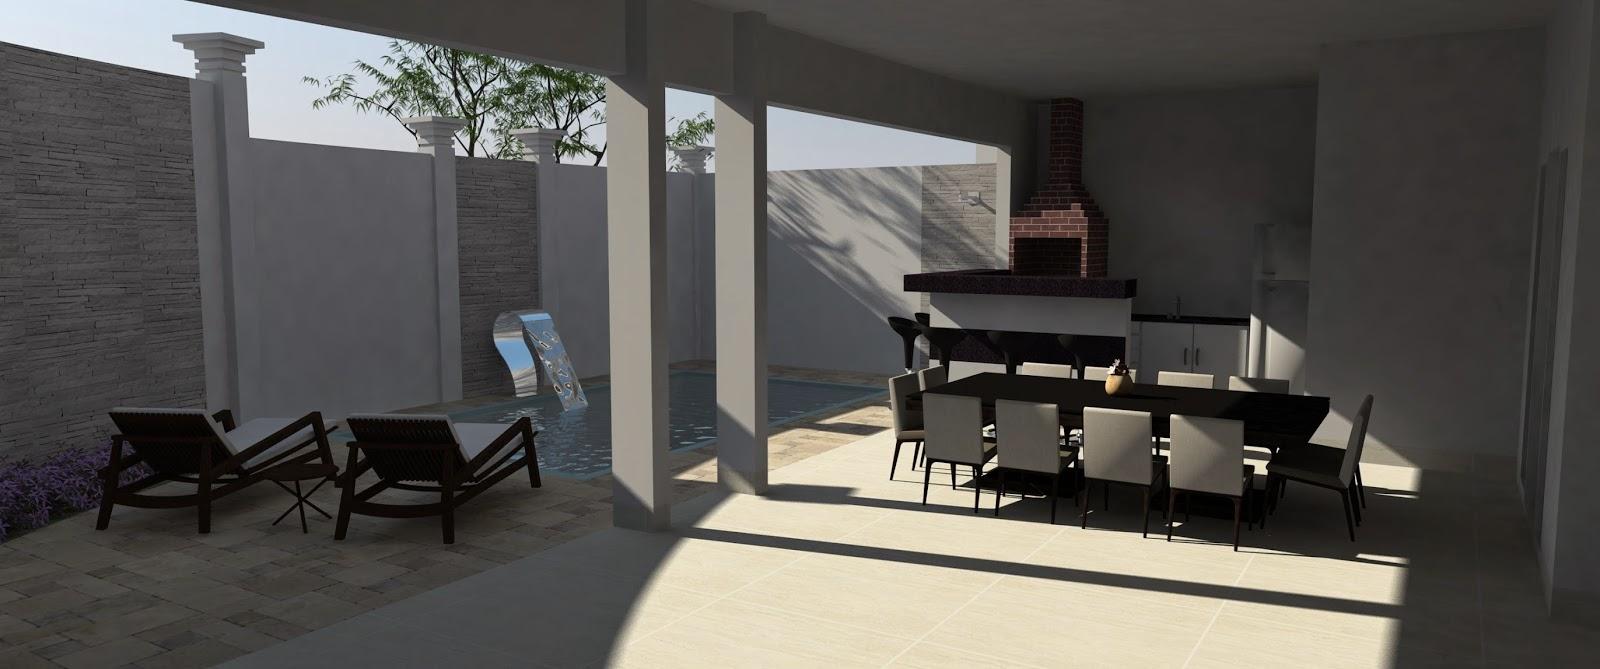 Elcio massuo onohara for Fachadas de casas modernas trackid sp 006